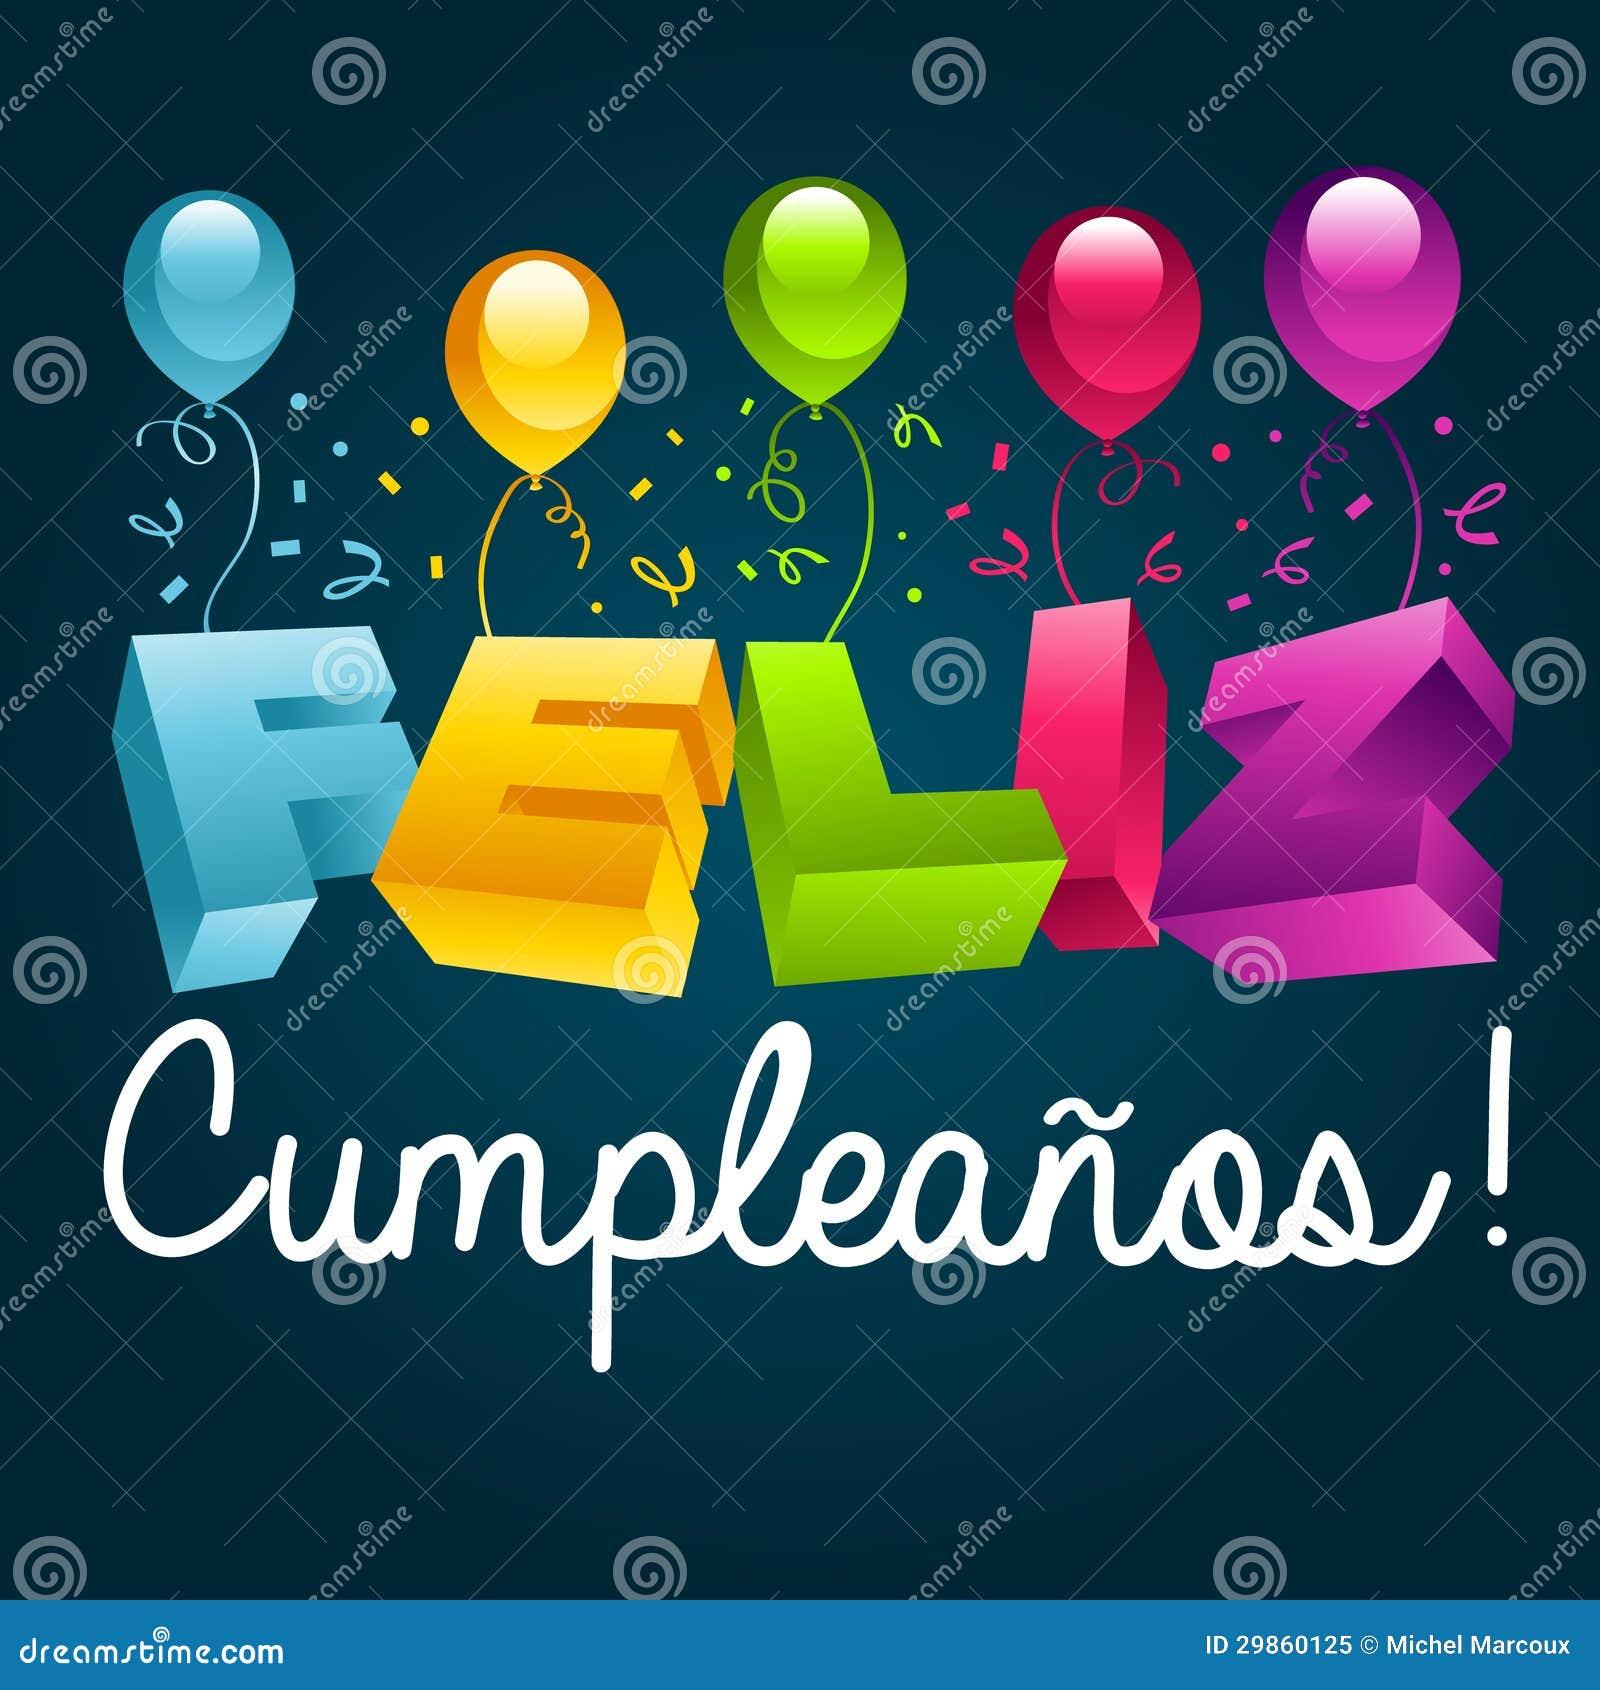 Поздравленья с днем рождения на мексиканском языке фото 25